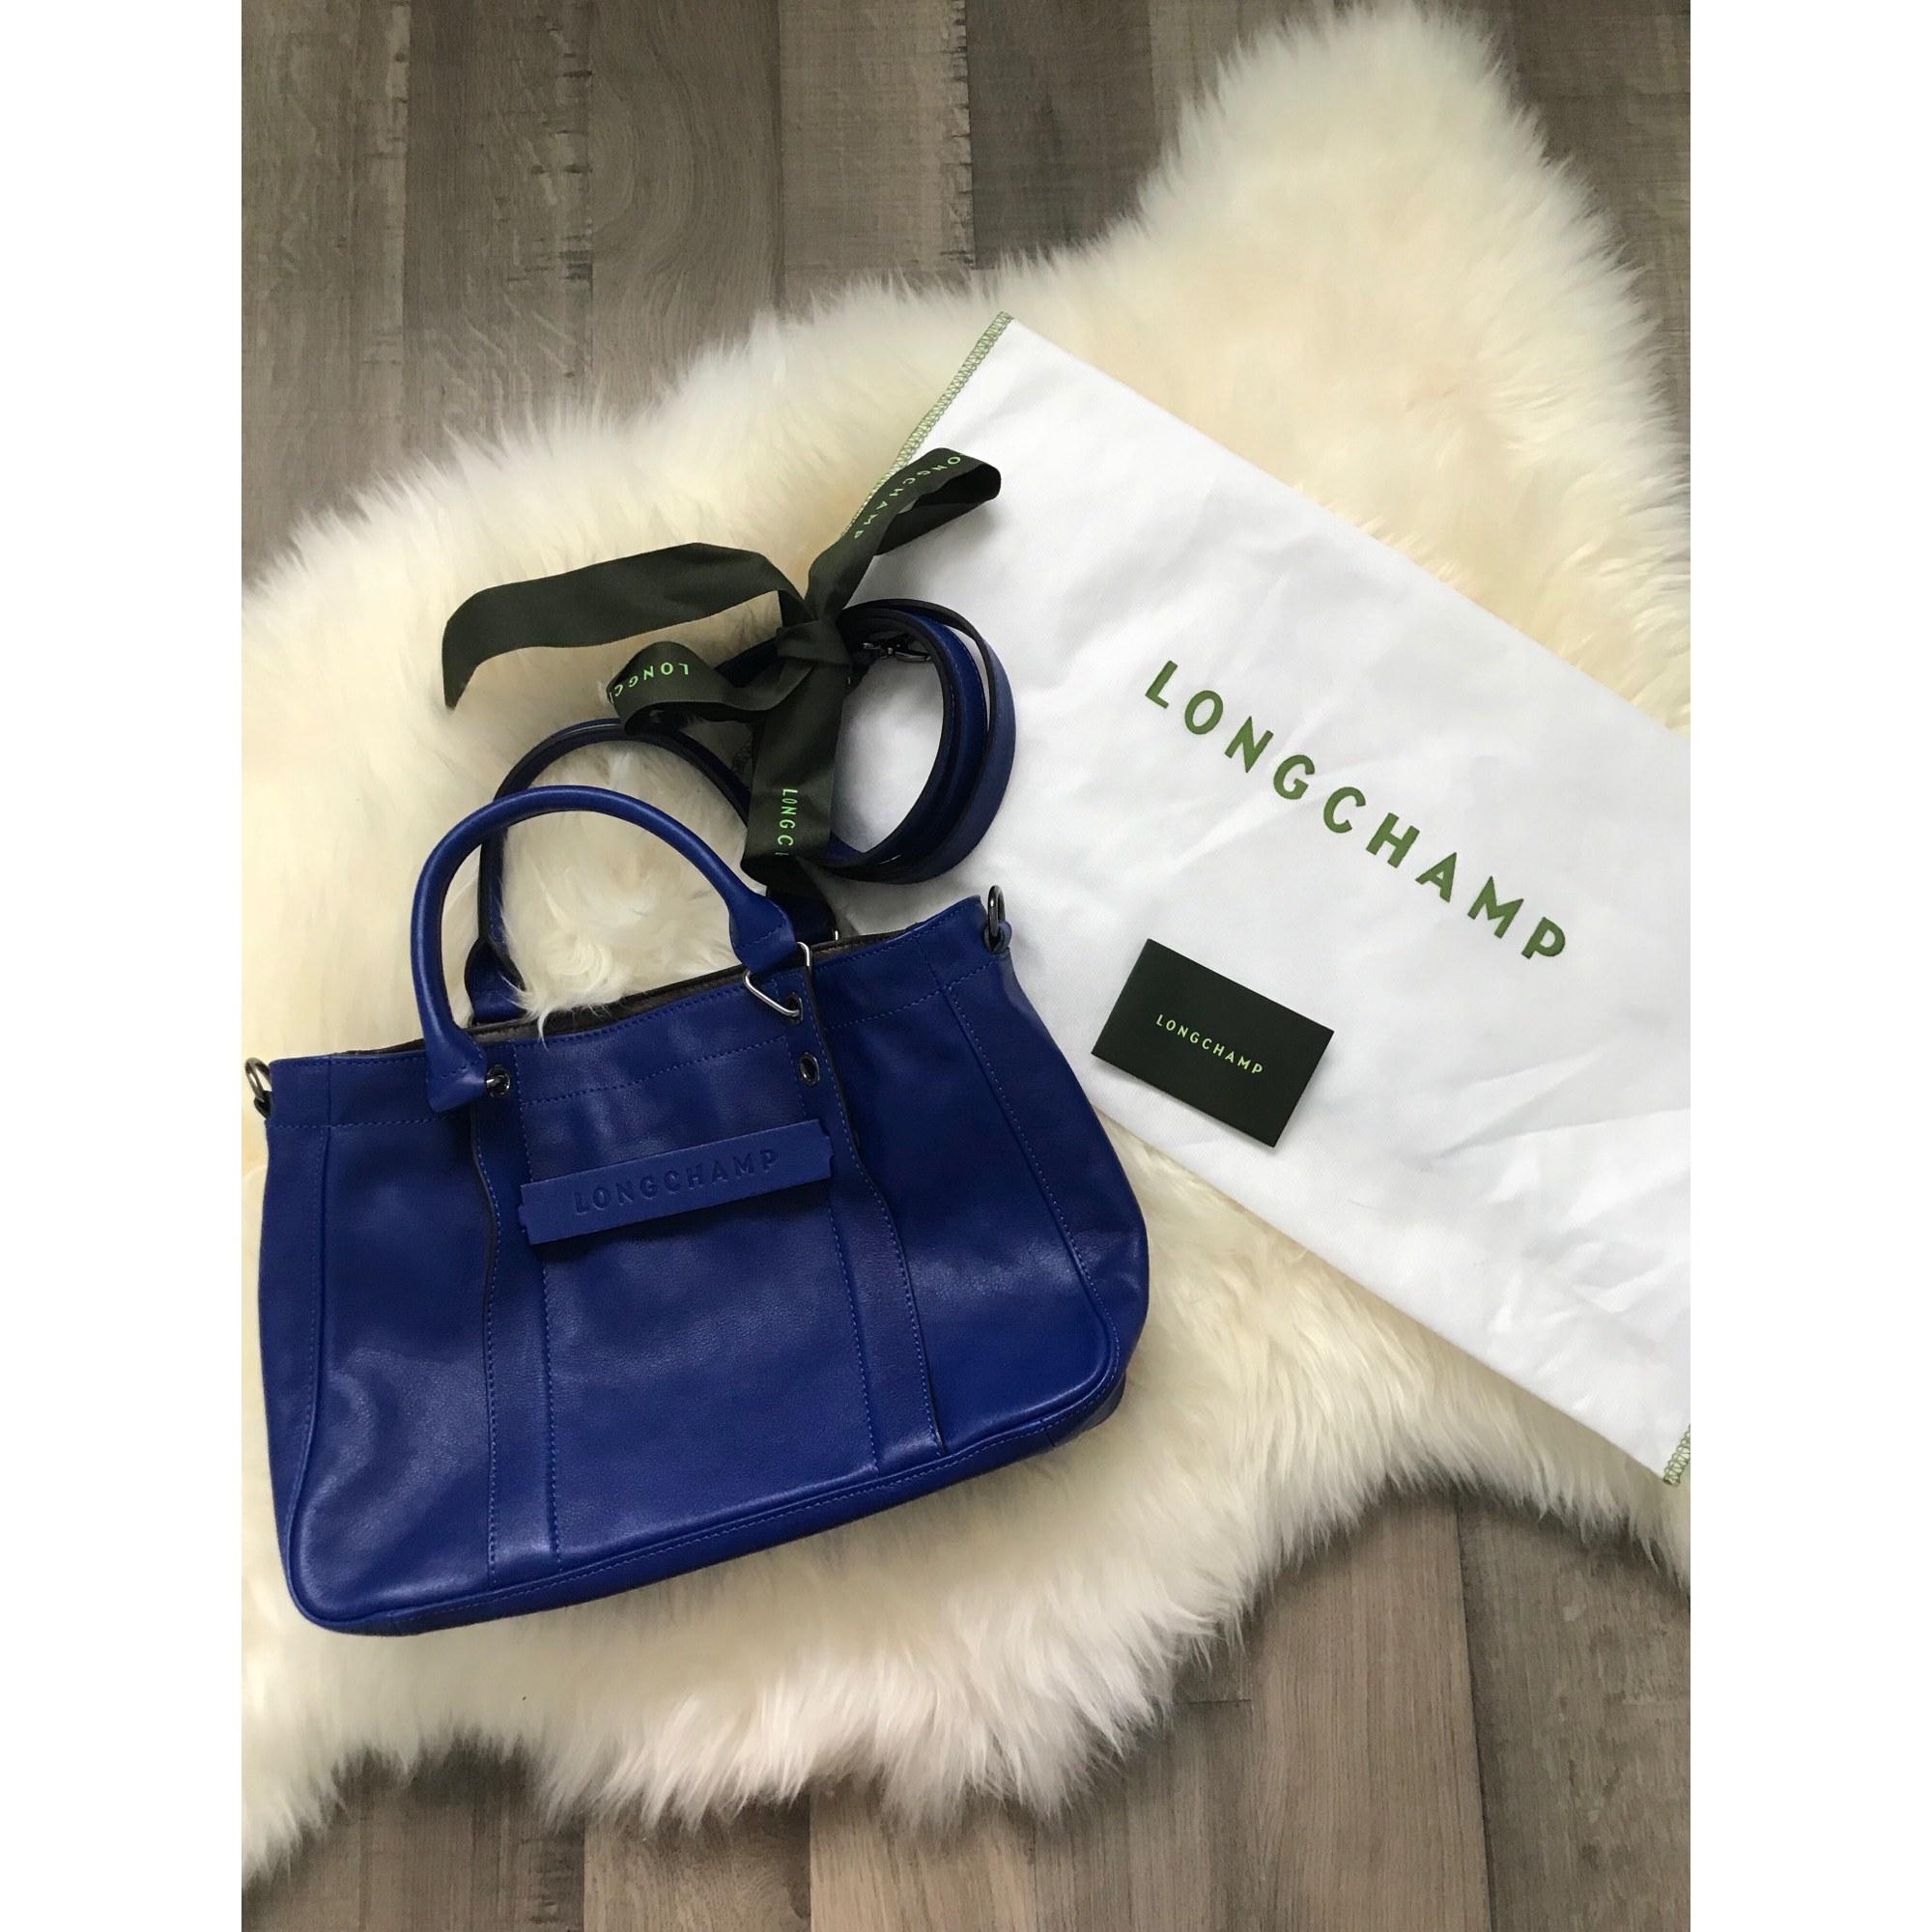 Bleu En Marine Turquoise Sac Longchamp Main À Bleu Cuir 0qEwXq